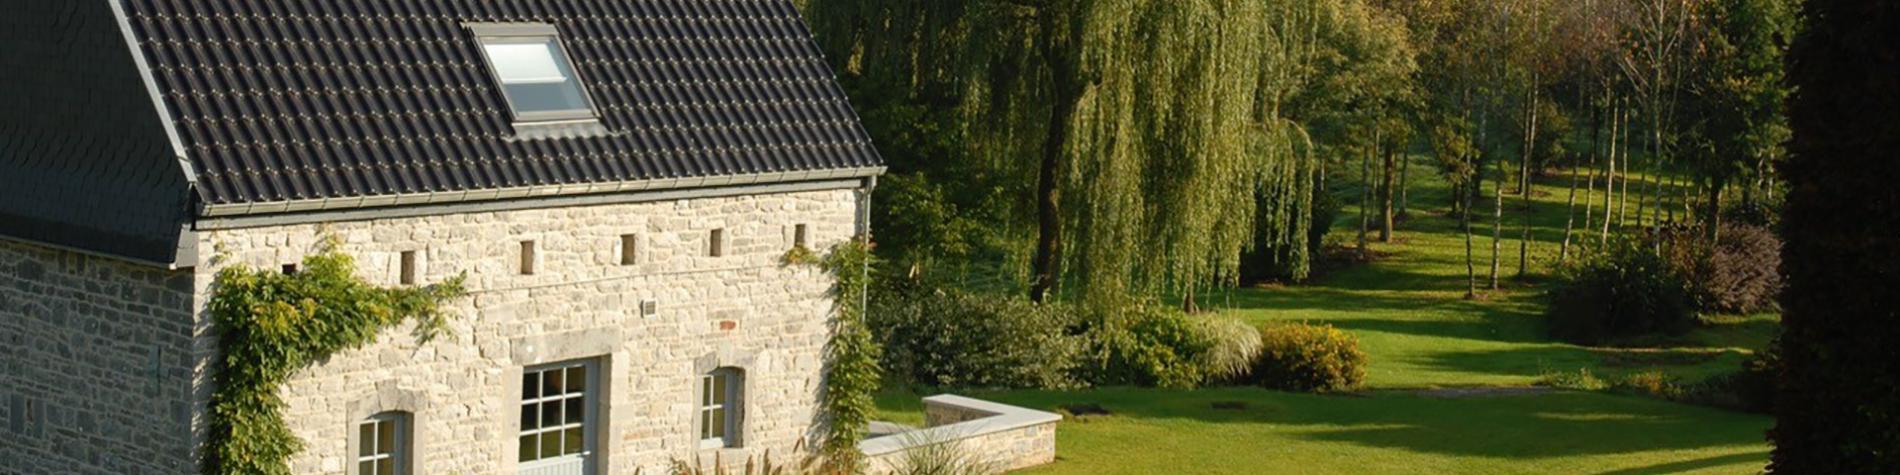 Gîte rural la vieille brasserie - huccorgne - 45 p.